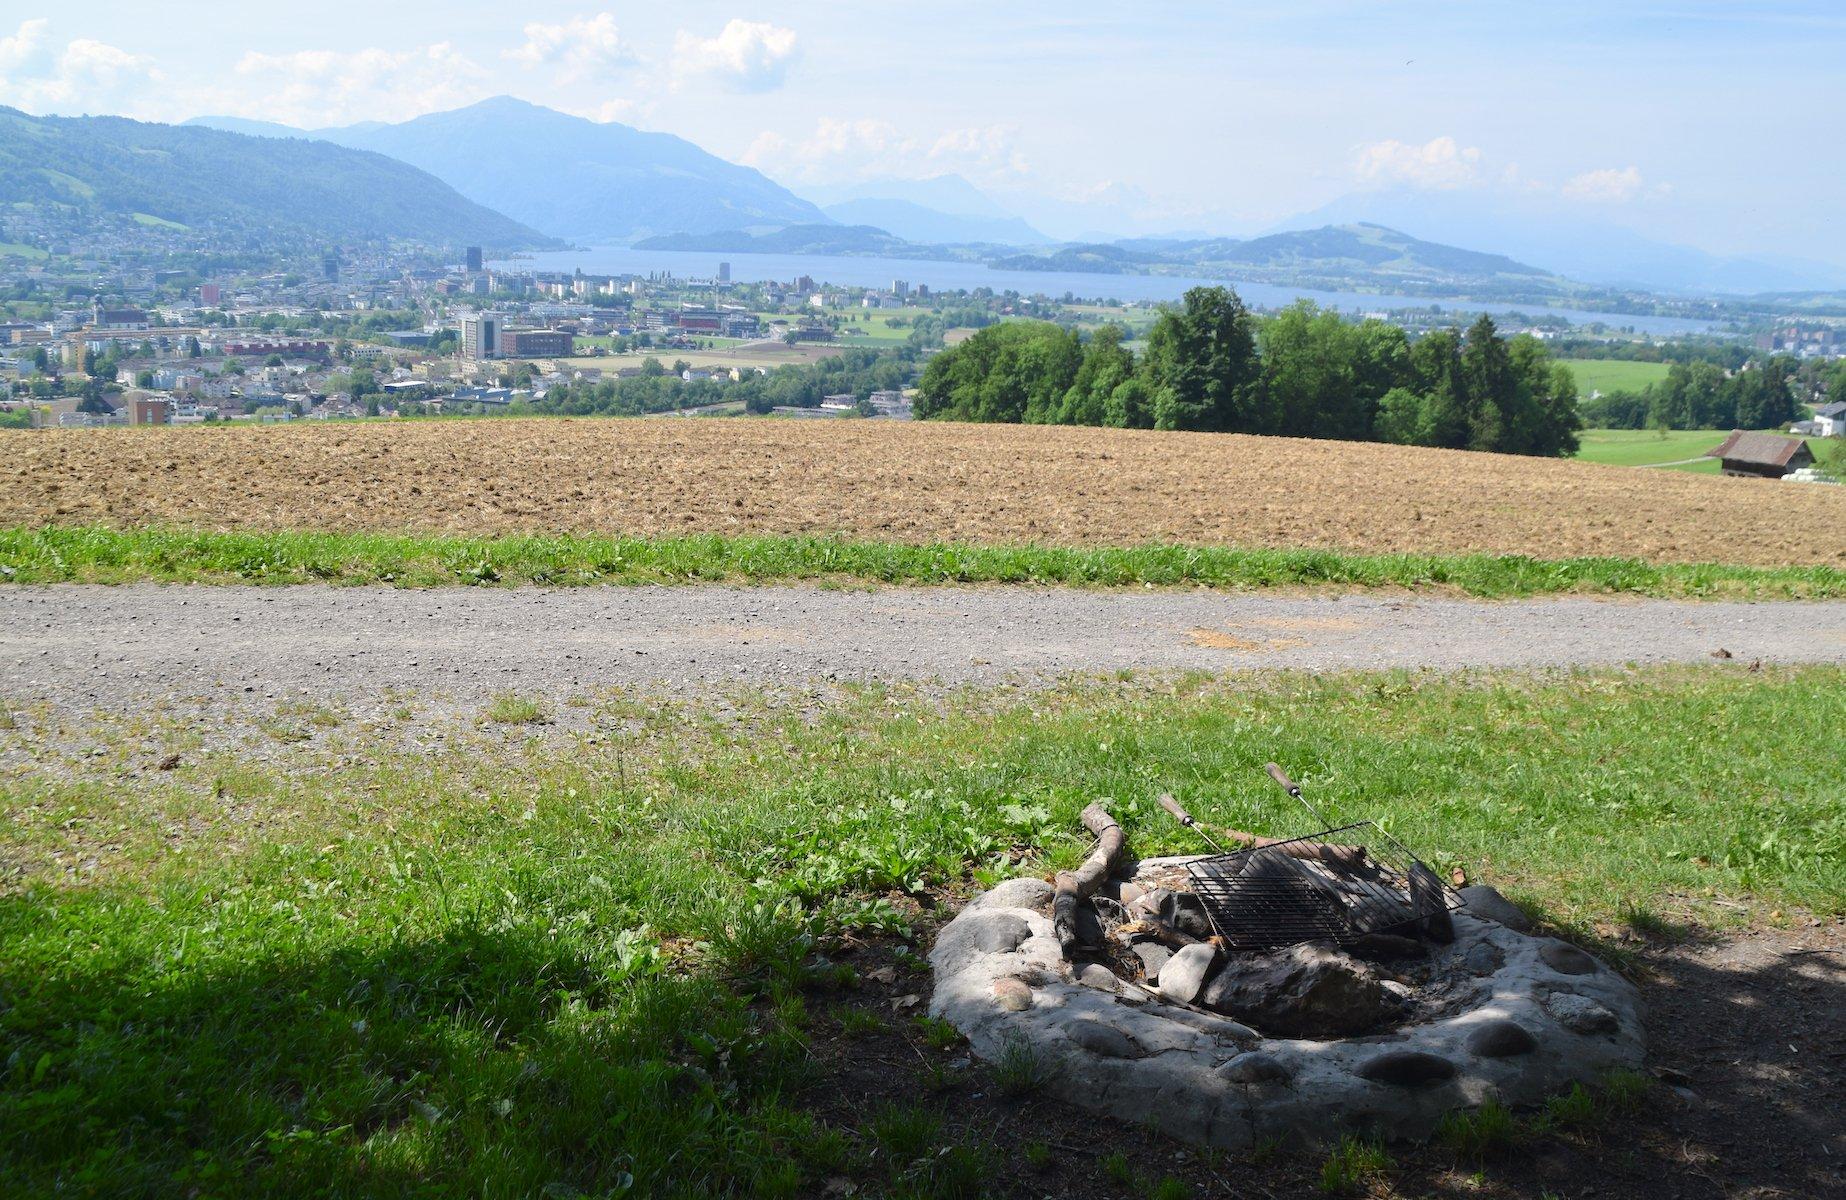 Feuerstelle am Rand des Schönbüelwalds oberhalb von Baar.